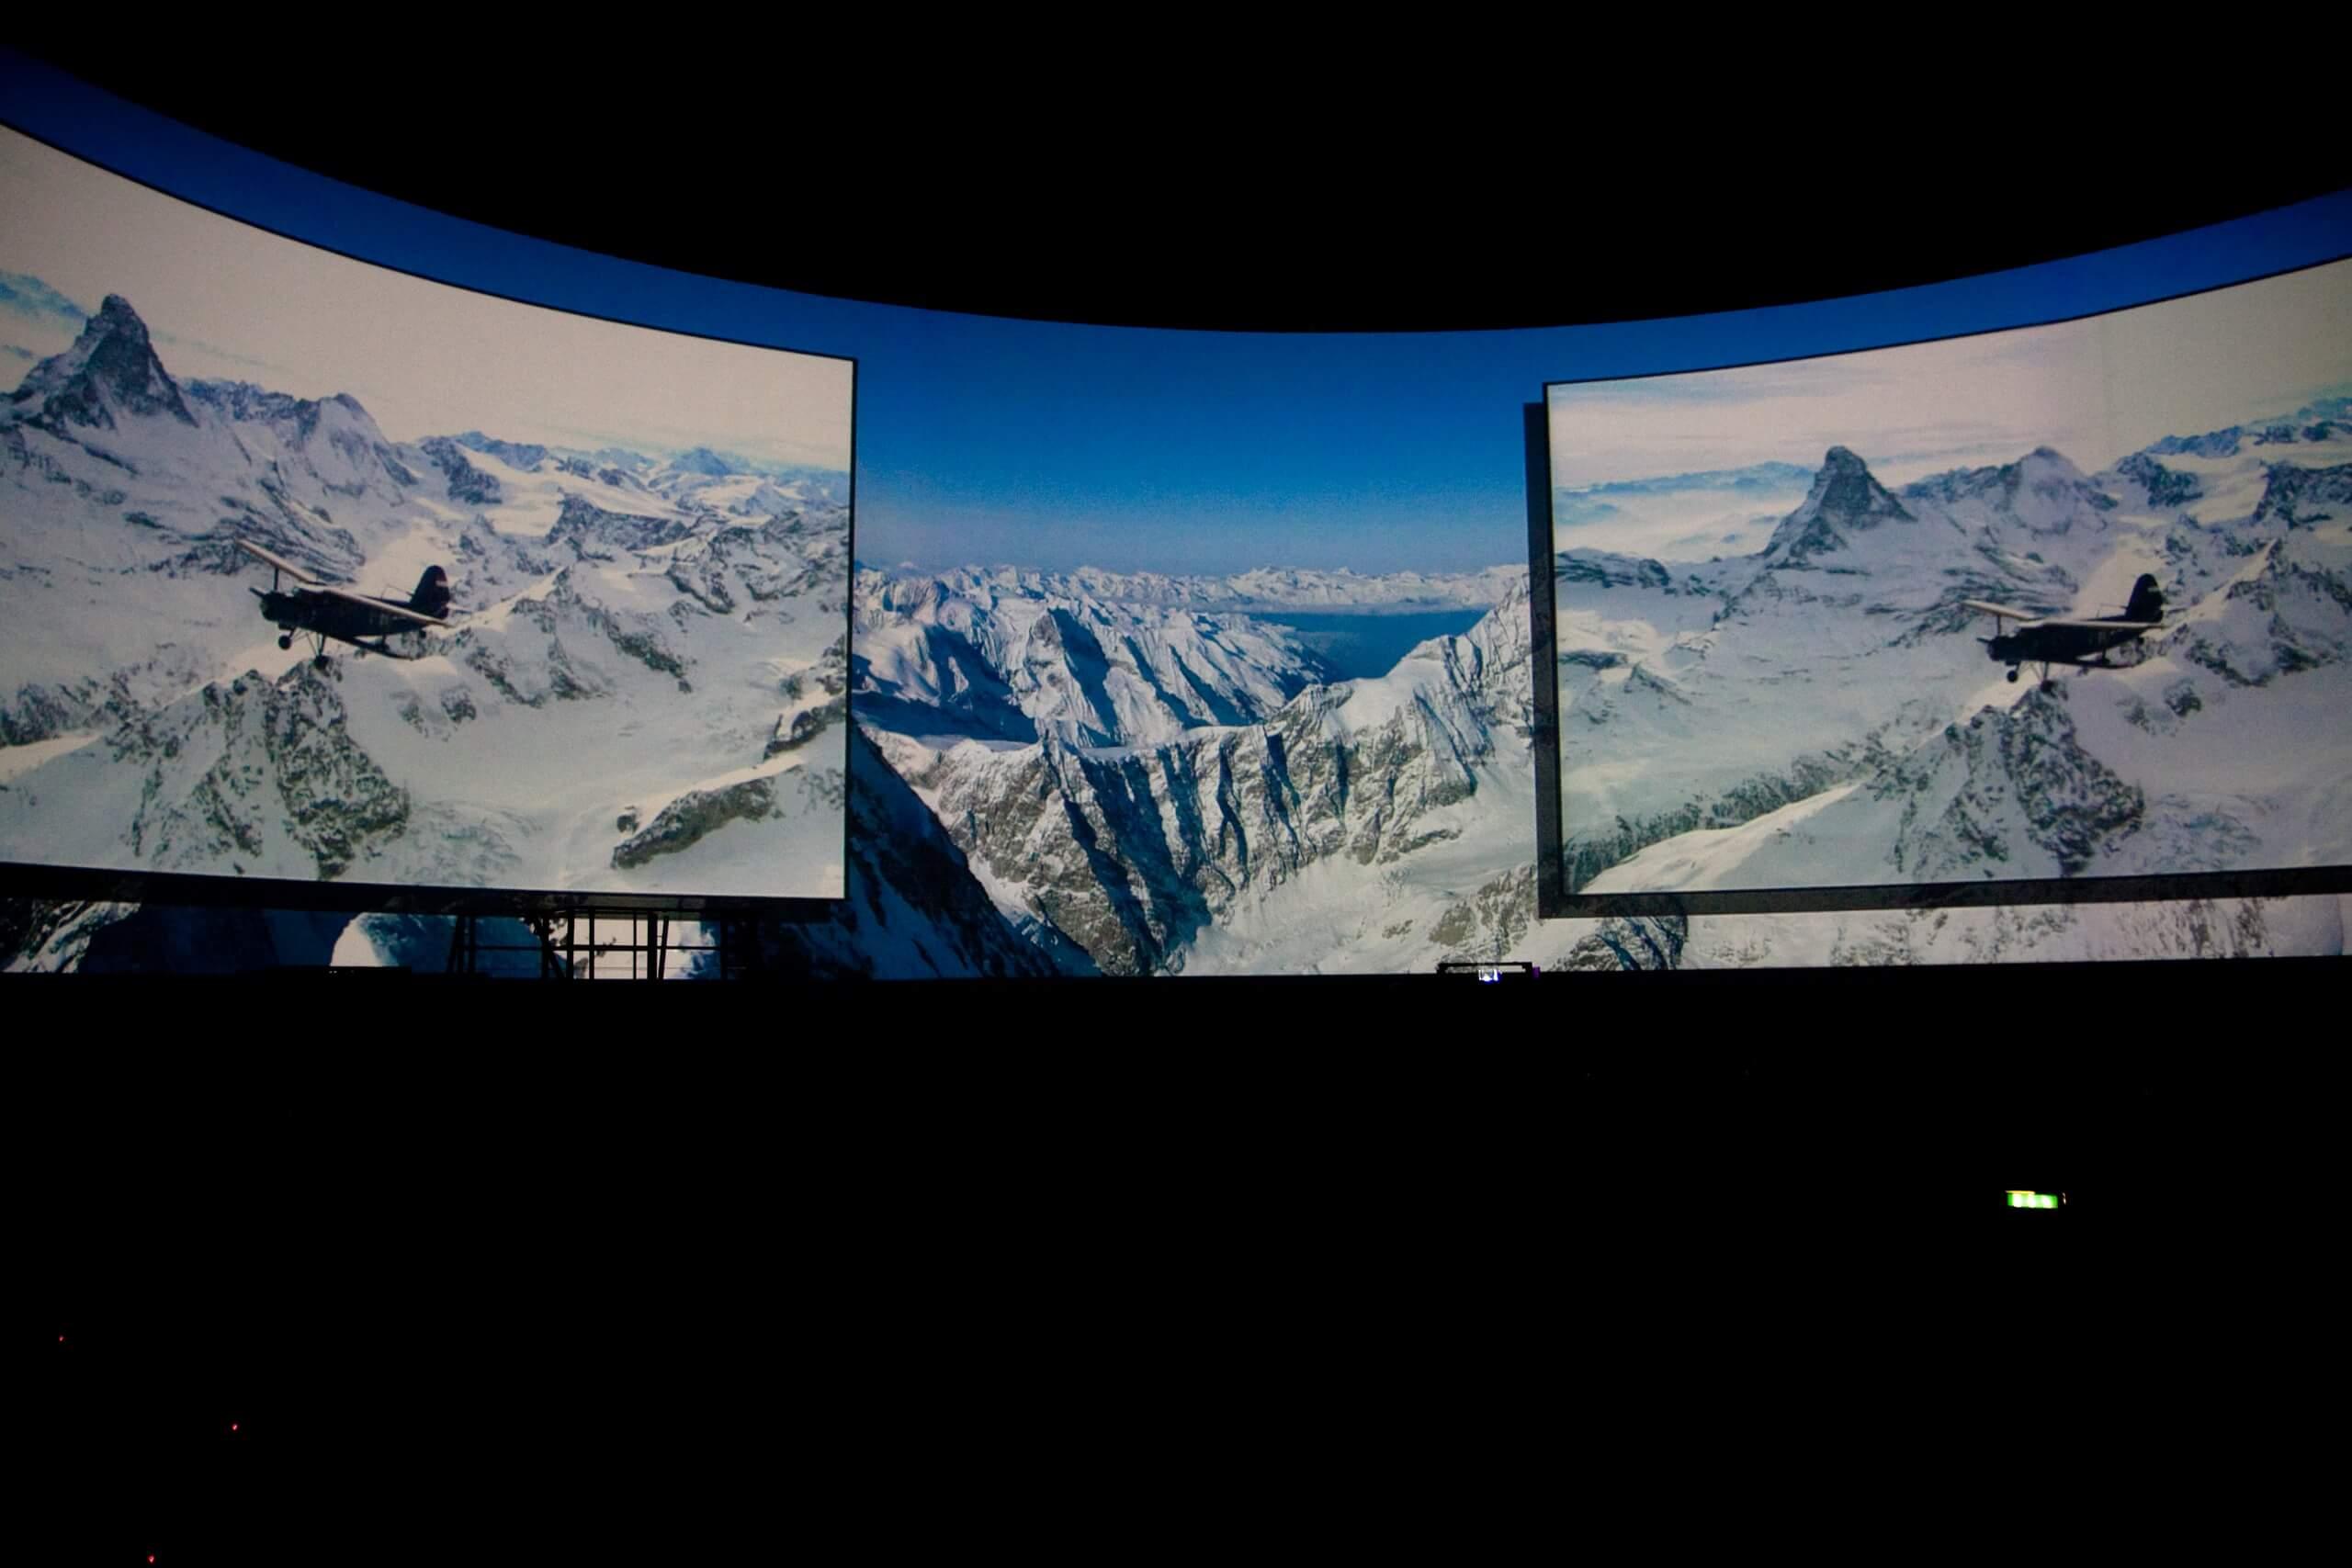 interlaken-jungfraupark-360-panorama-show